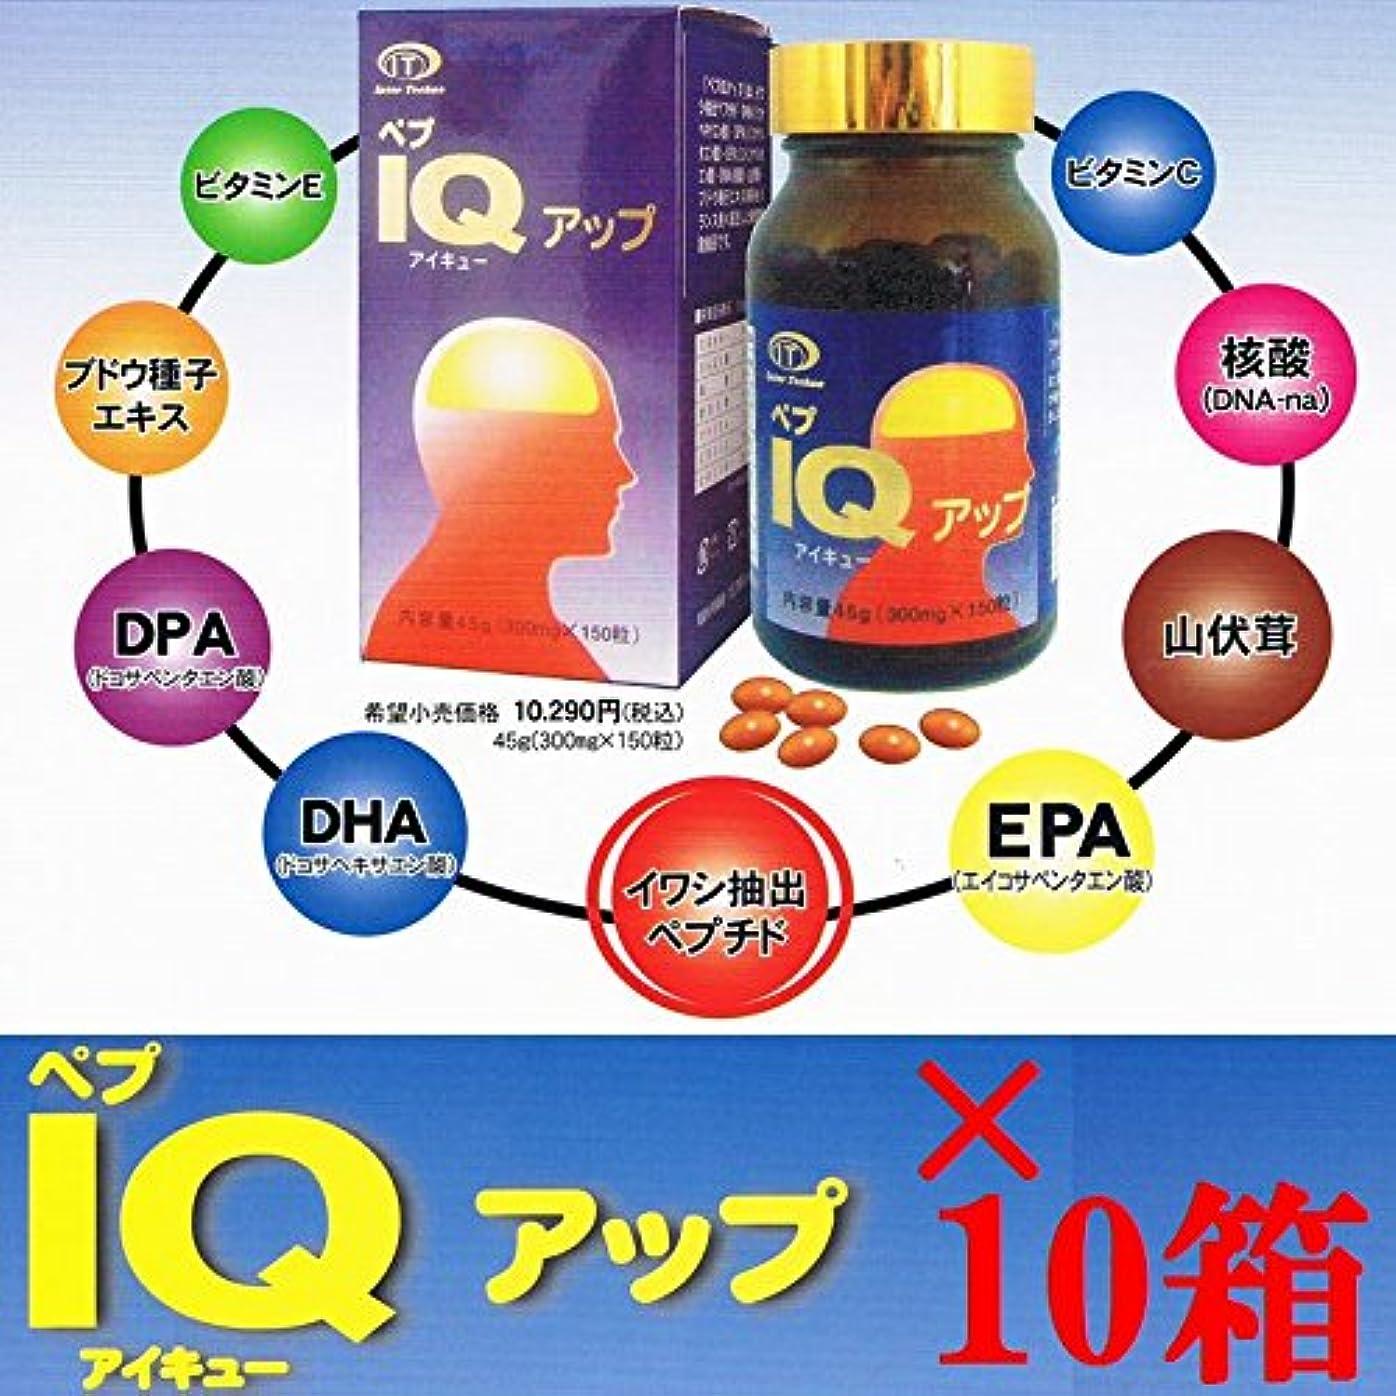 可動式回復する注文ペプIQアップ 150粒 ×超お得10箱セット 《記憶・思考、DHA、EPA》